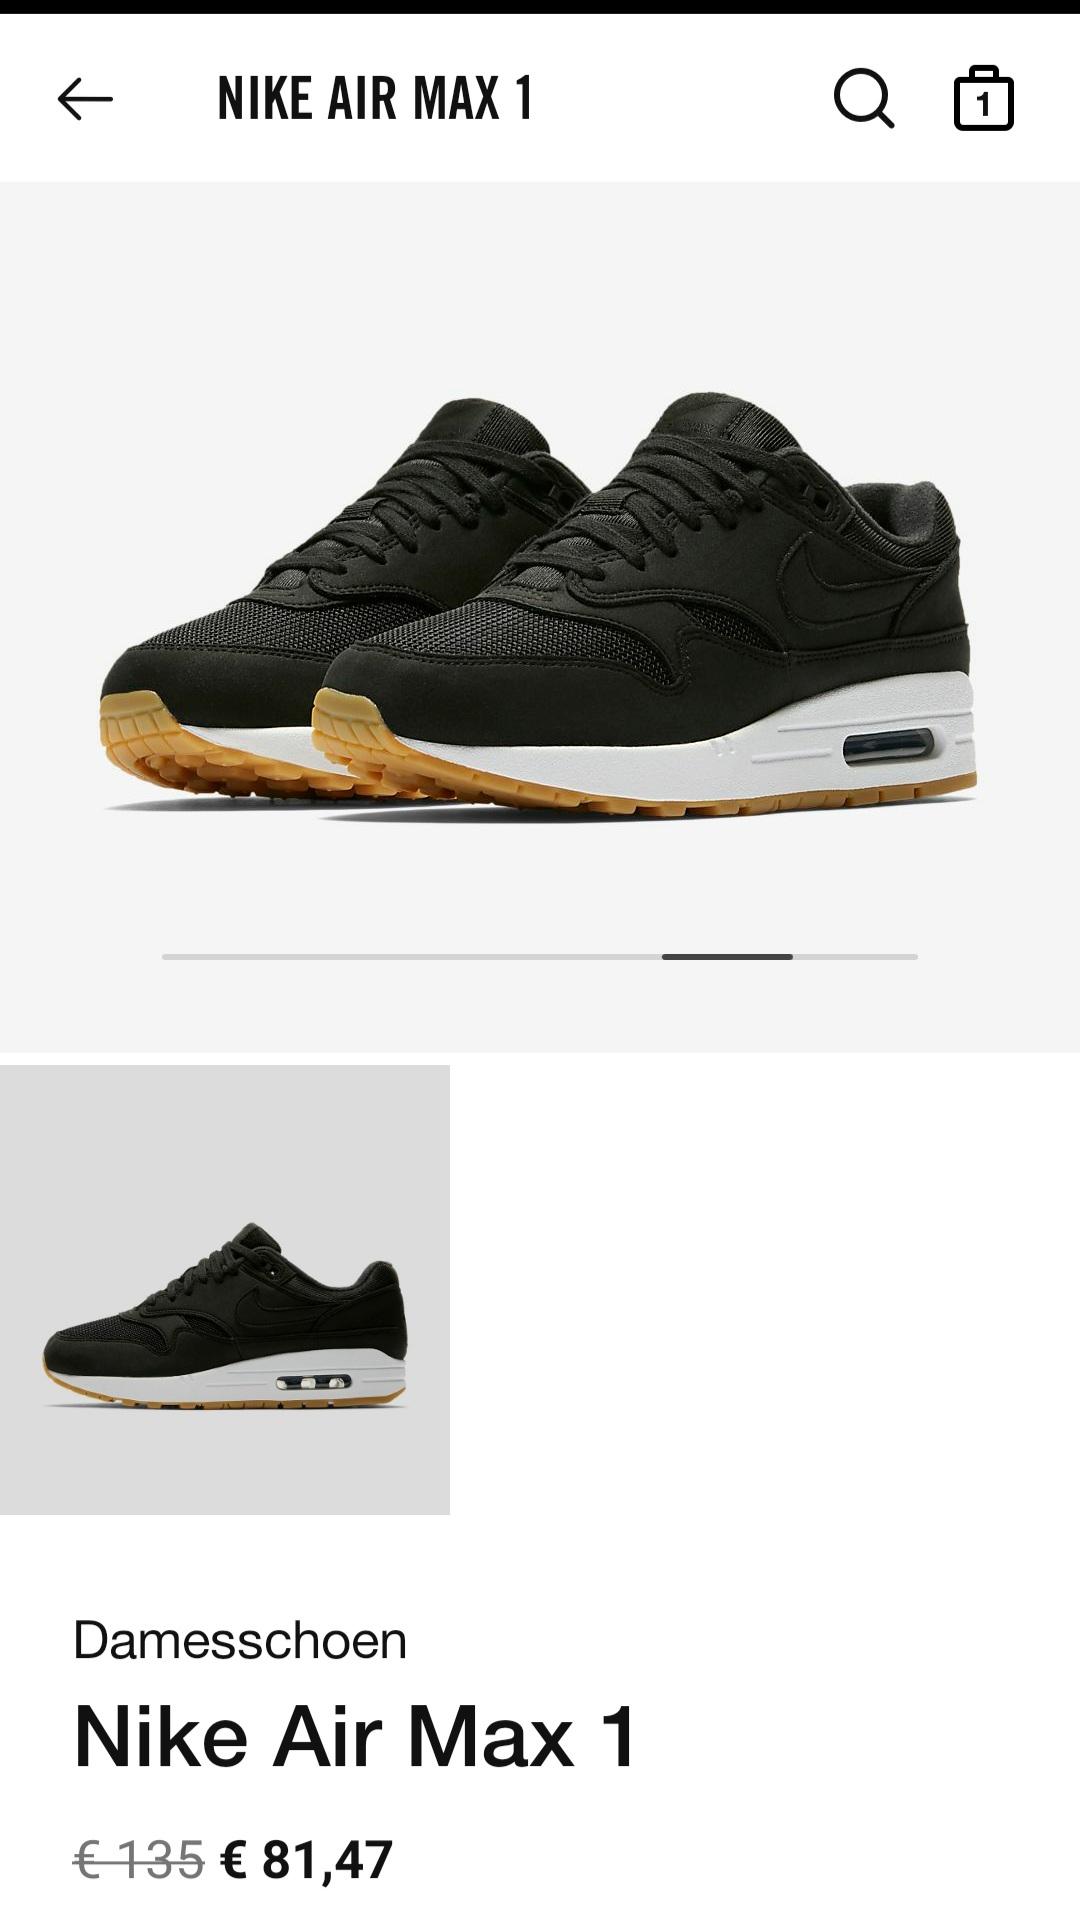 WMNS Nike Air Max 1 Black Gum 319986-037